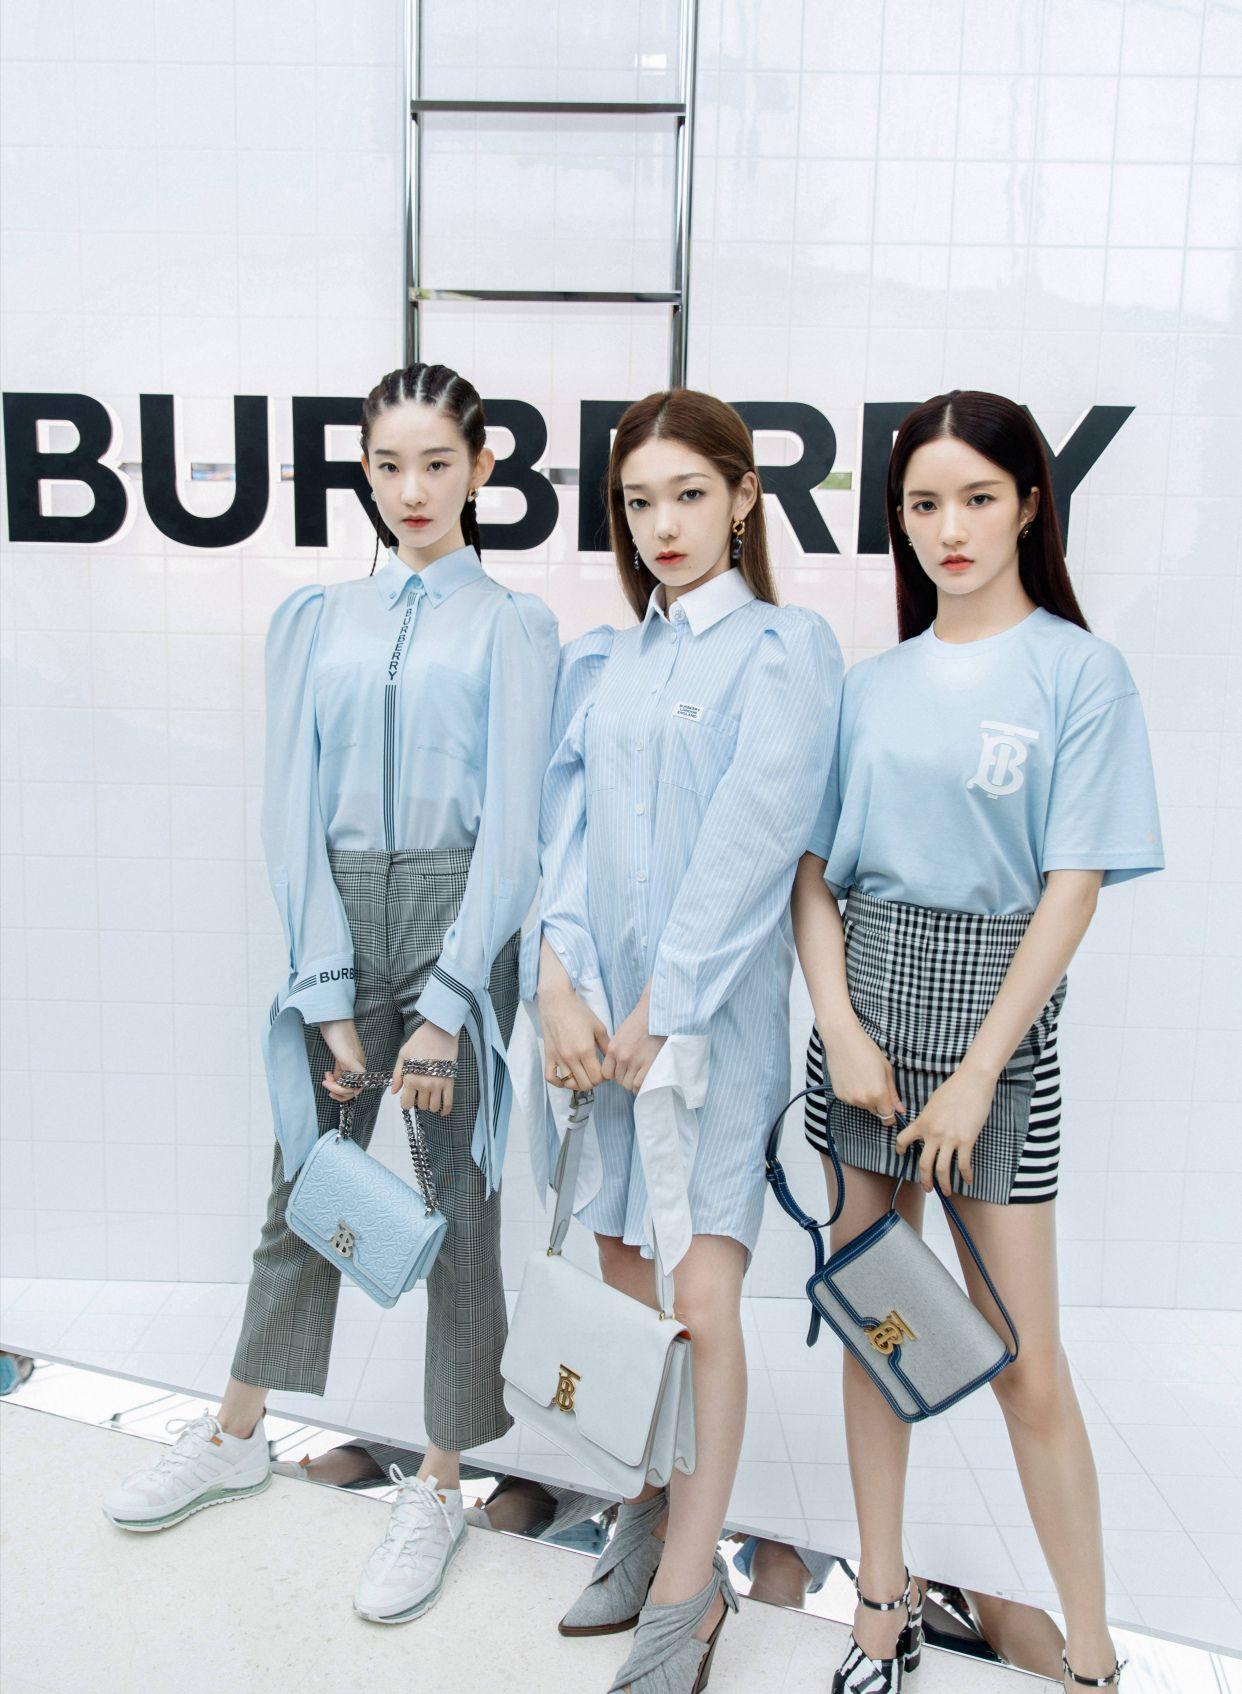 希林娜依·高、刘些宁、张艺凡出席品牌活动,来看看时尚表现力如